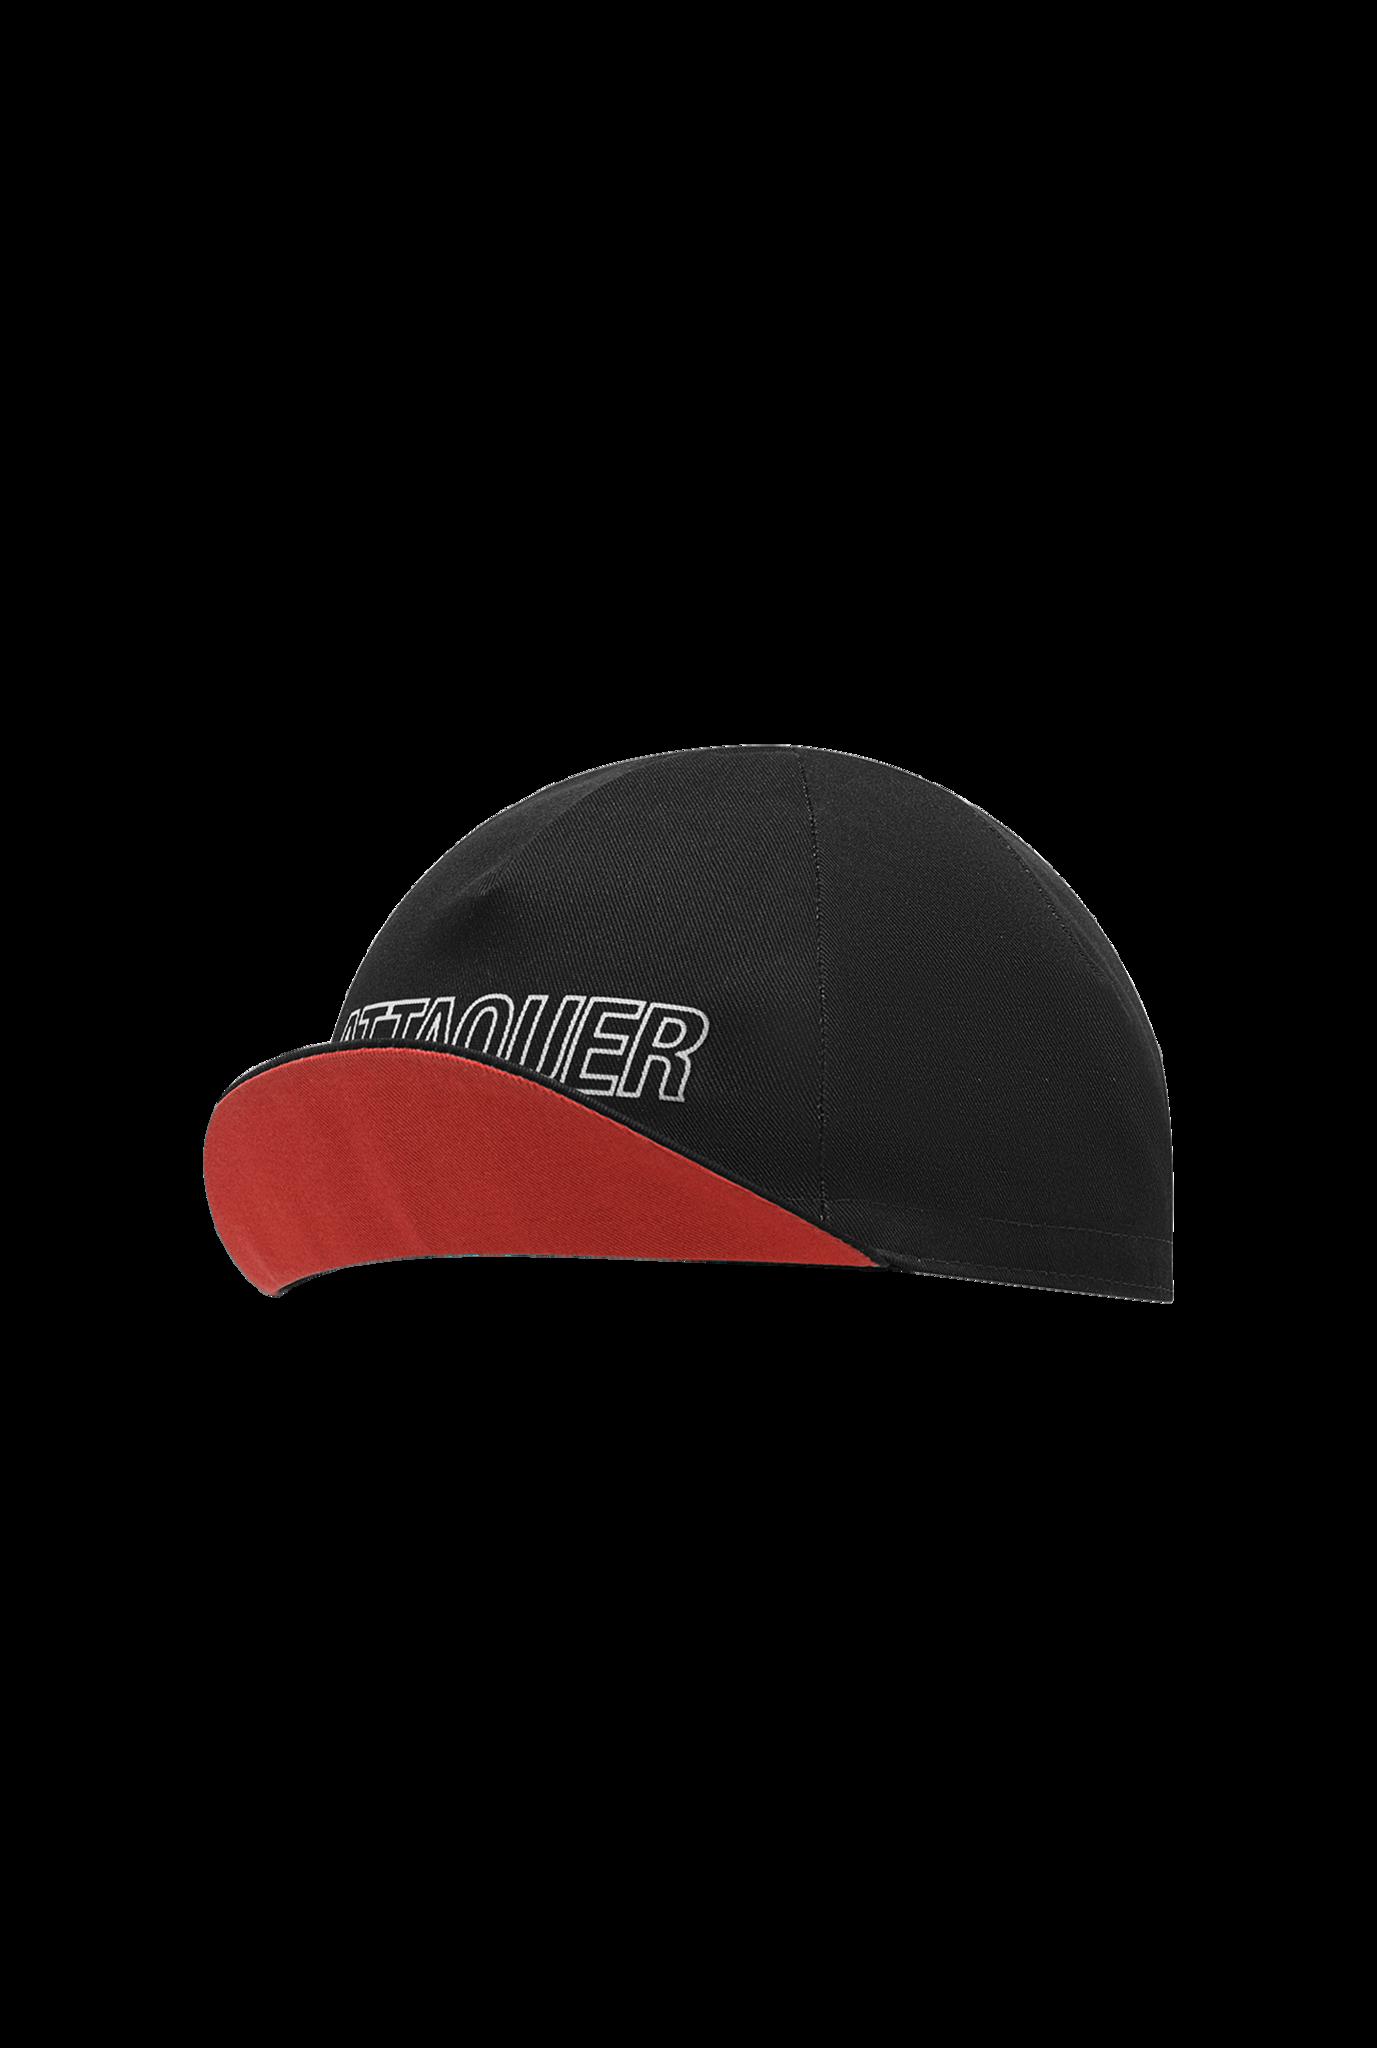 Outliner Logo Koerspet Zwart-2